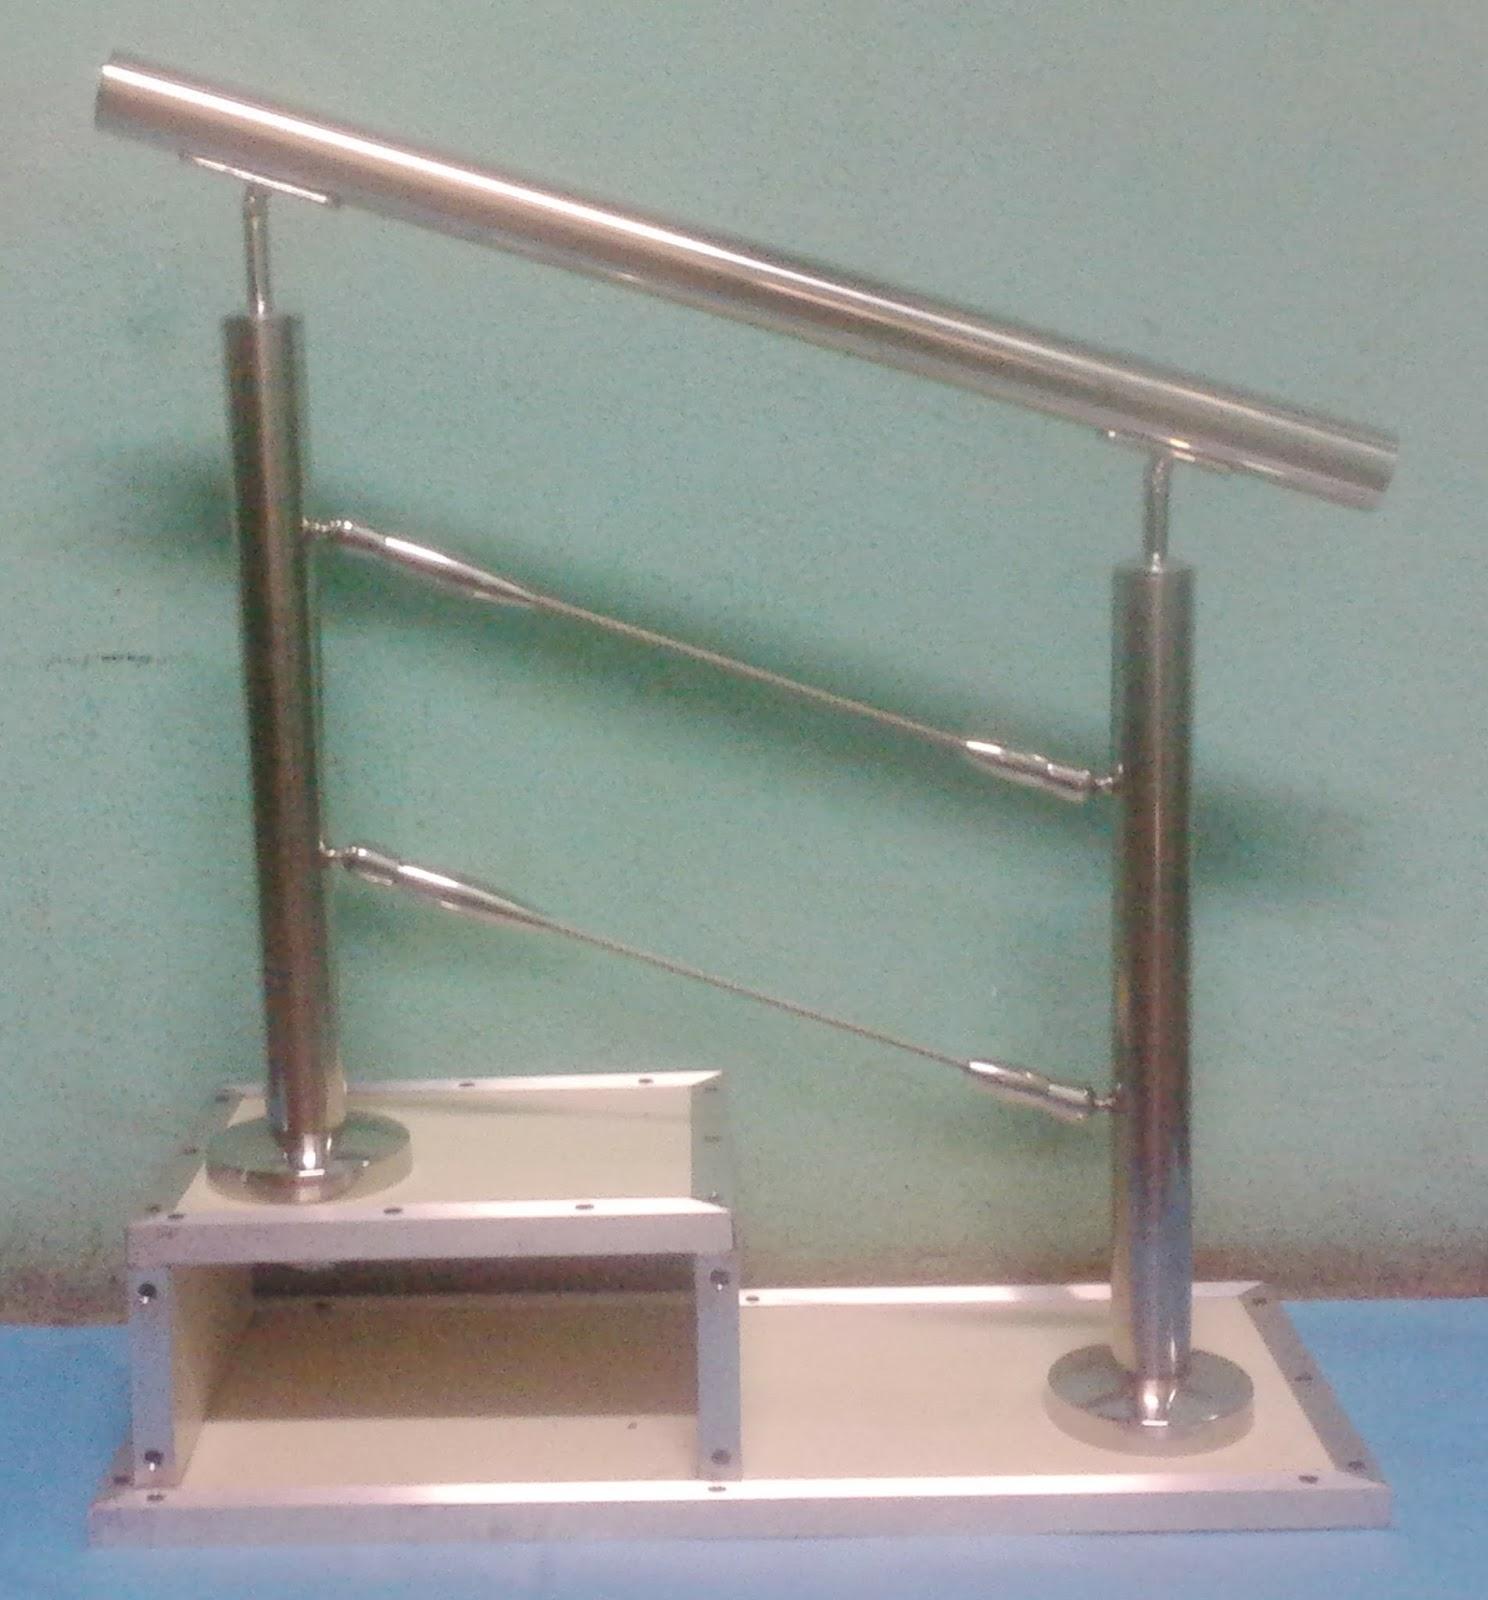 Galvanizado en caliente en nicaragua - Escalera con tensores de acero ...